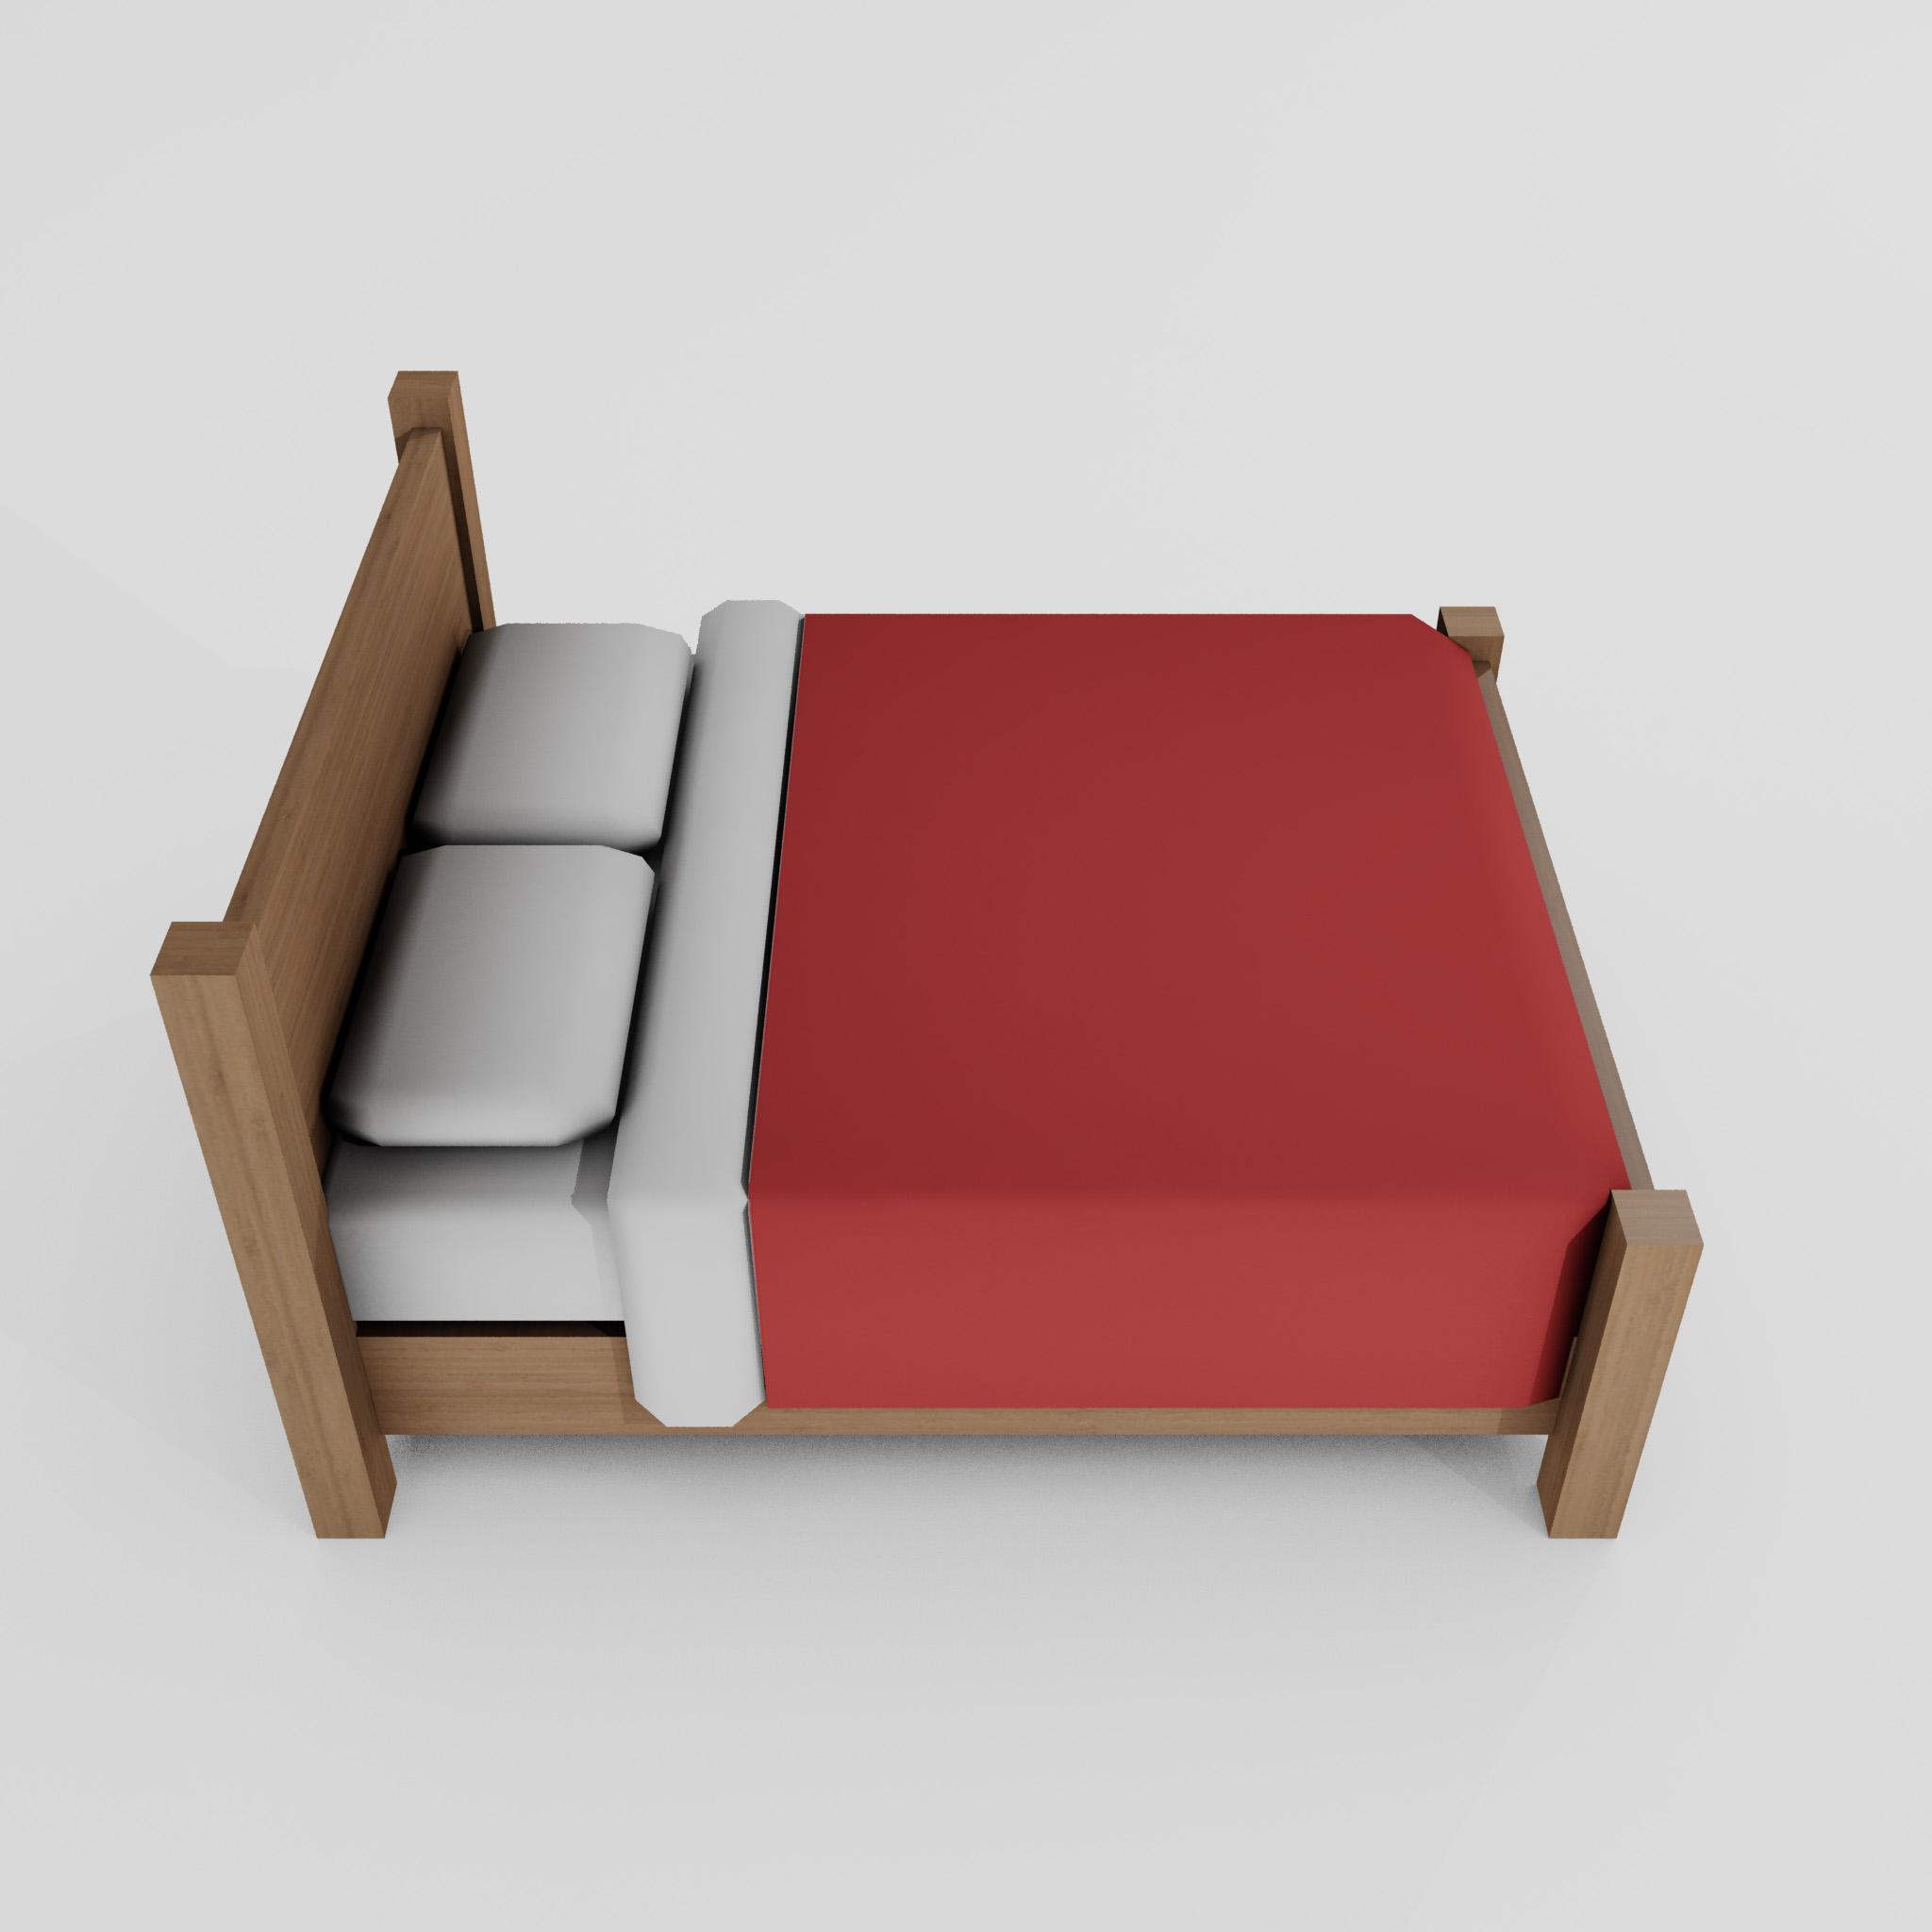 double bed 3d model 3ds max fbx obj 271952